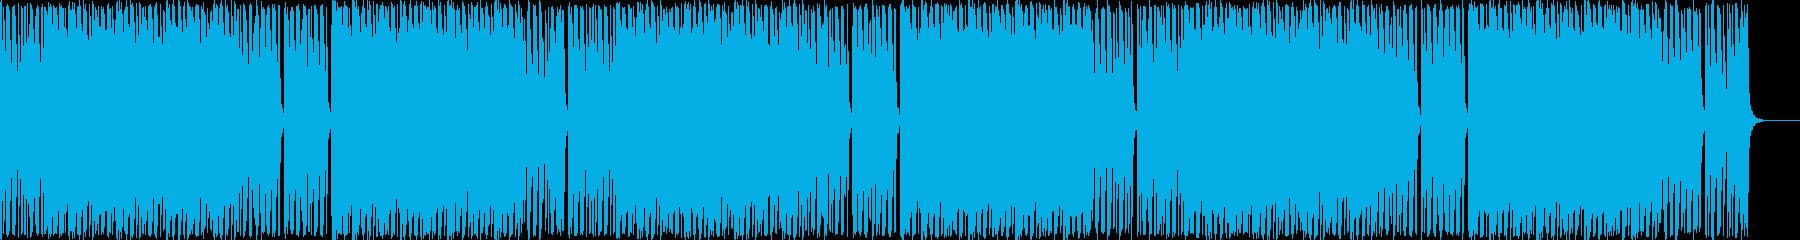 荘厳な感じのインストの再生済みの波形